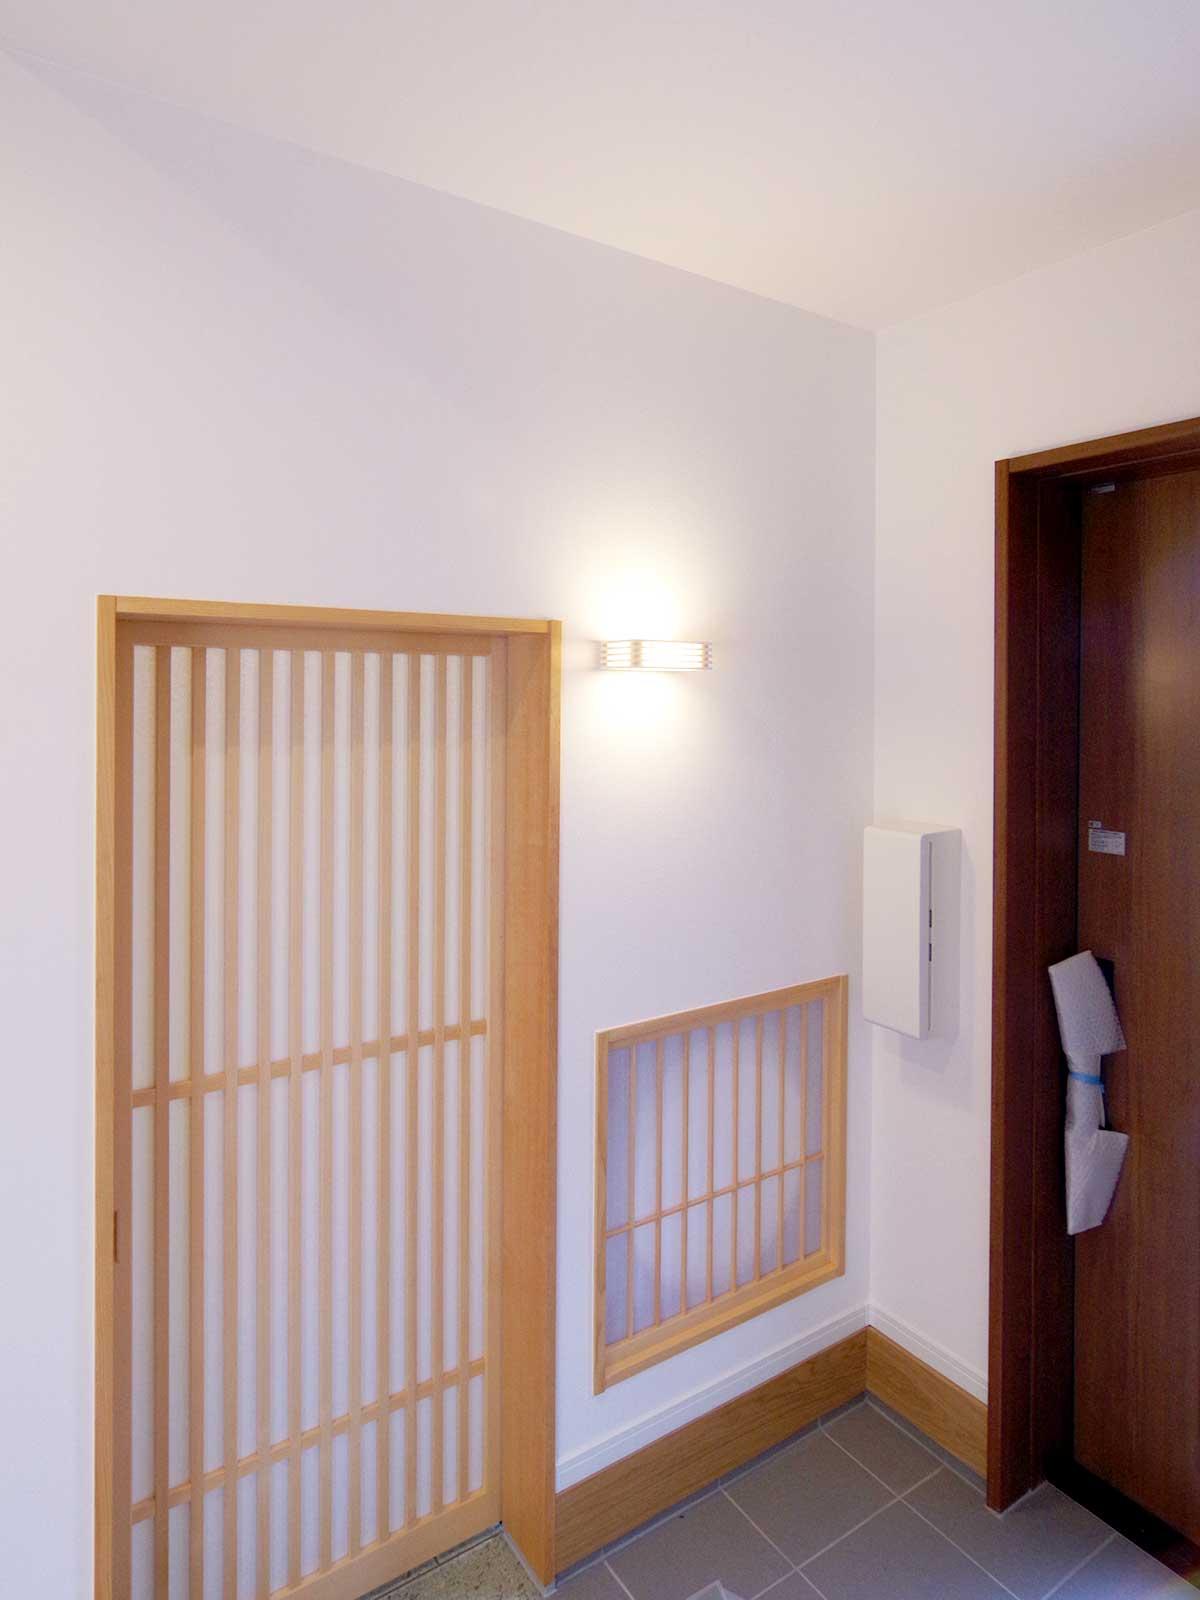 グリーンスタイルのお家見学会です。玄関から和室に入る。地窓と標準より下げた障子の引き戸。